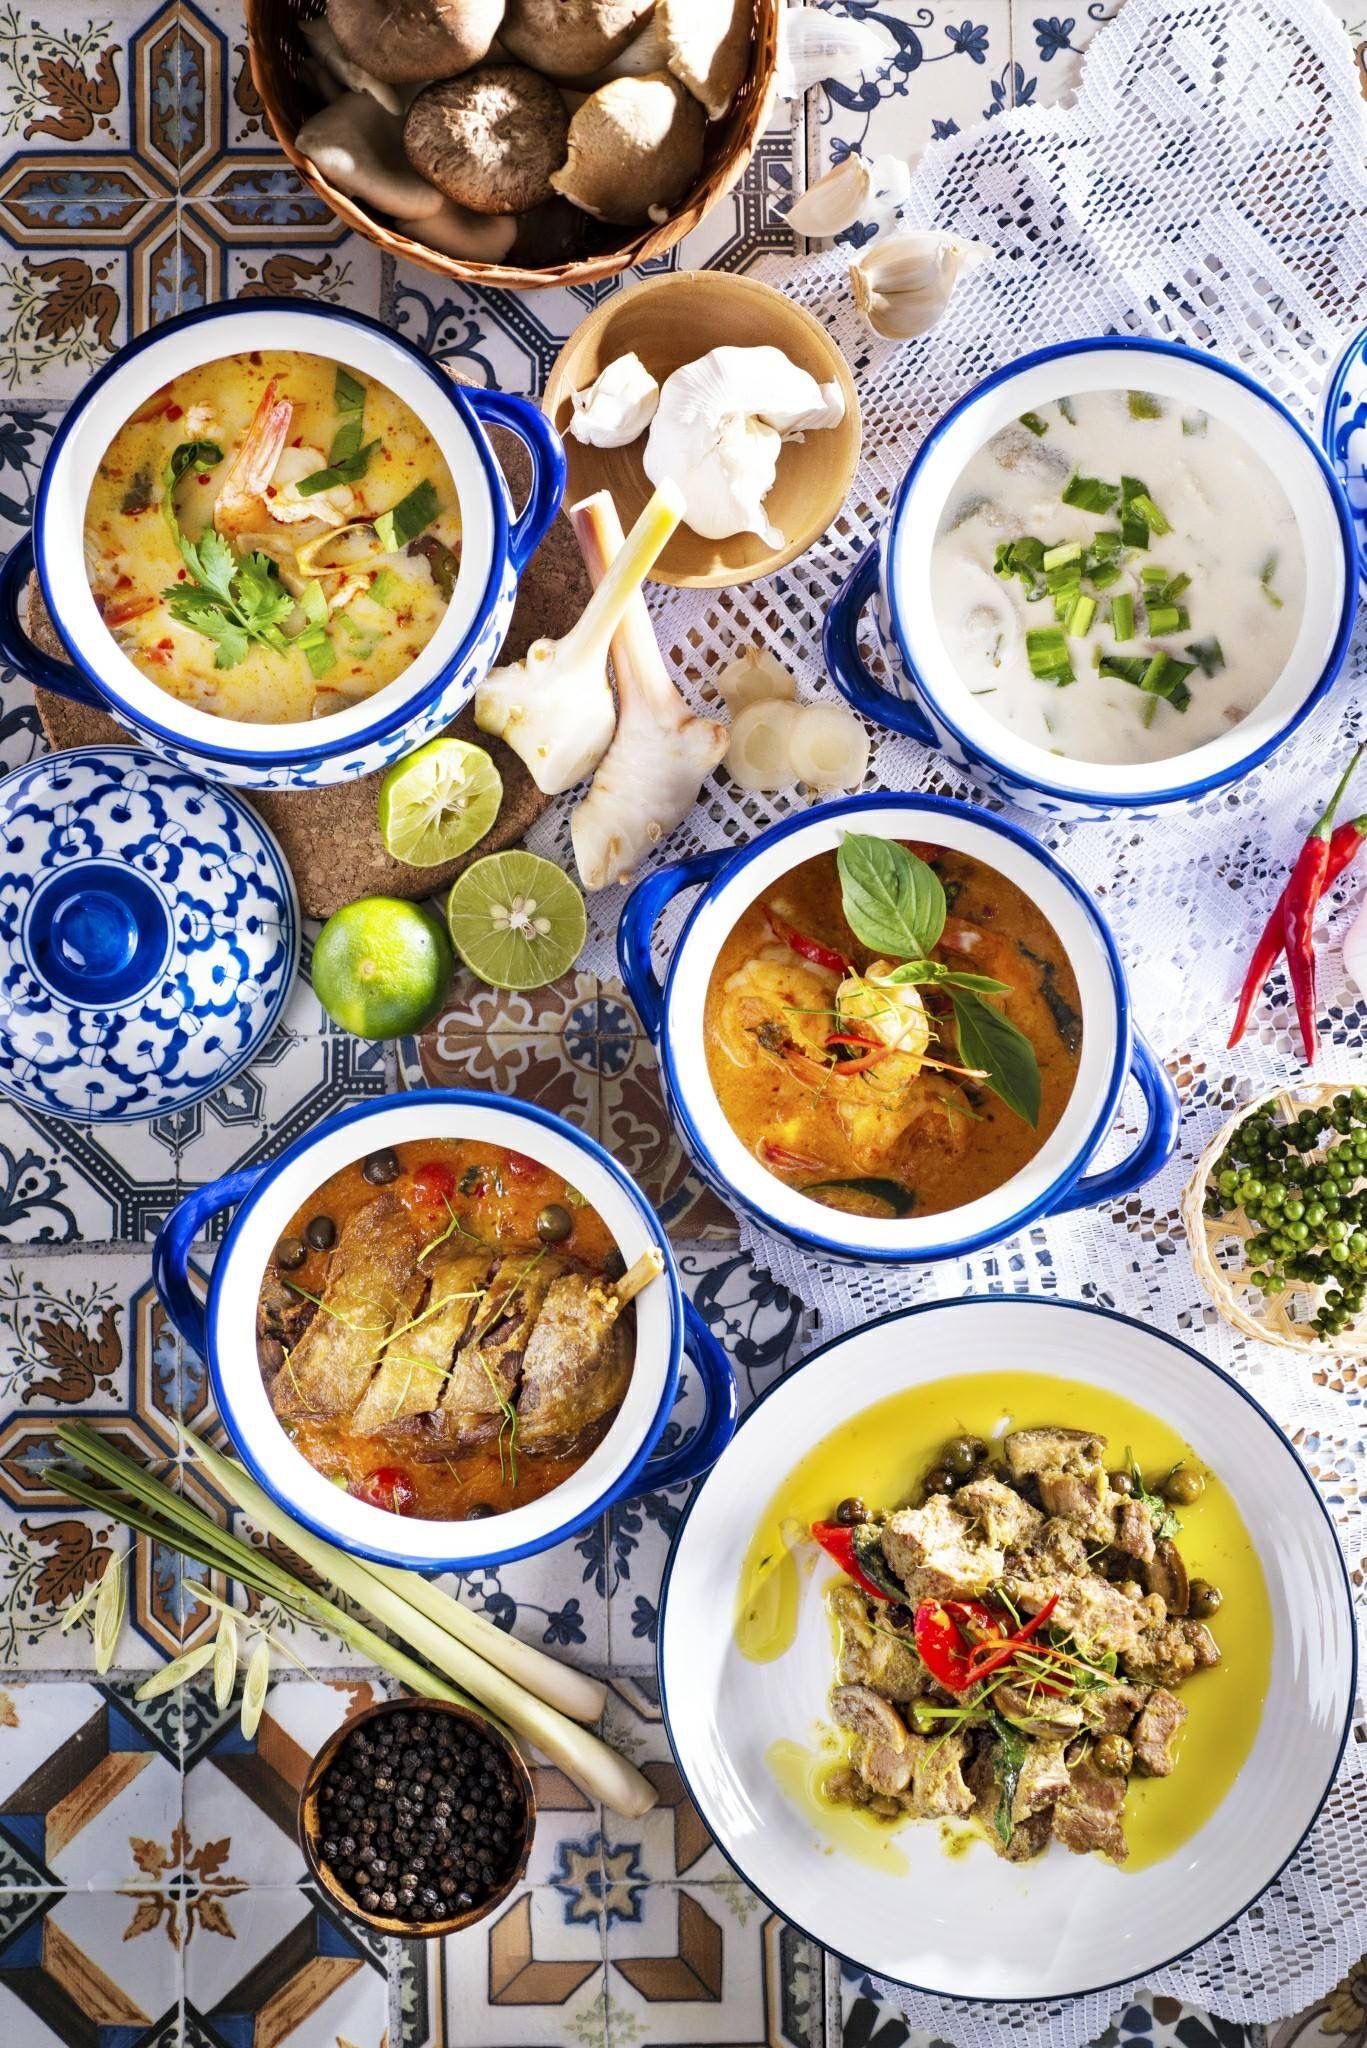 อาหารไทยพื้นบ้านยอดนิยม